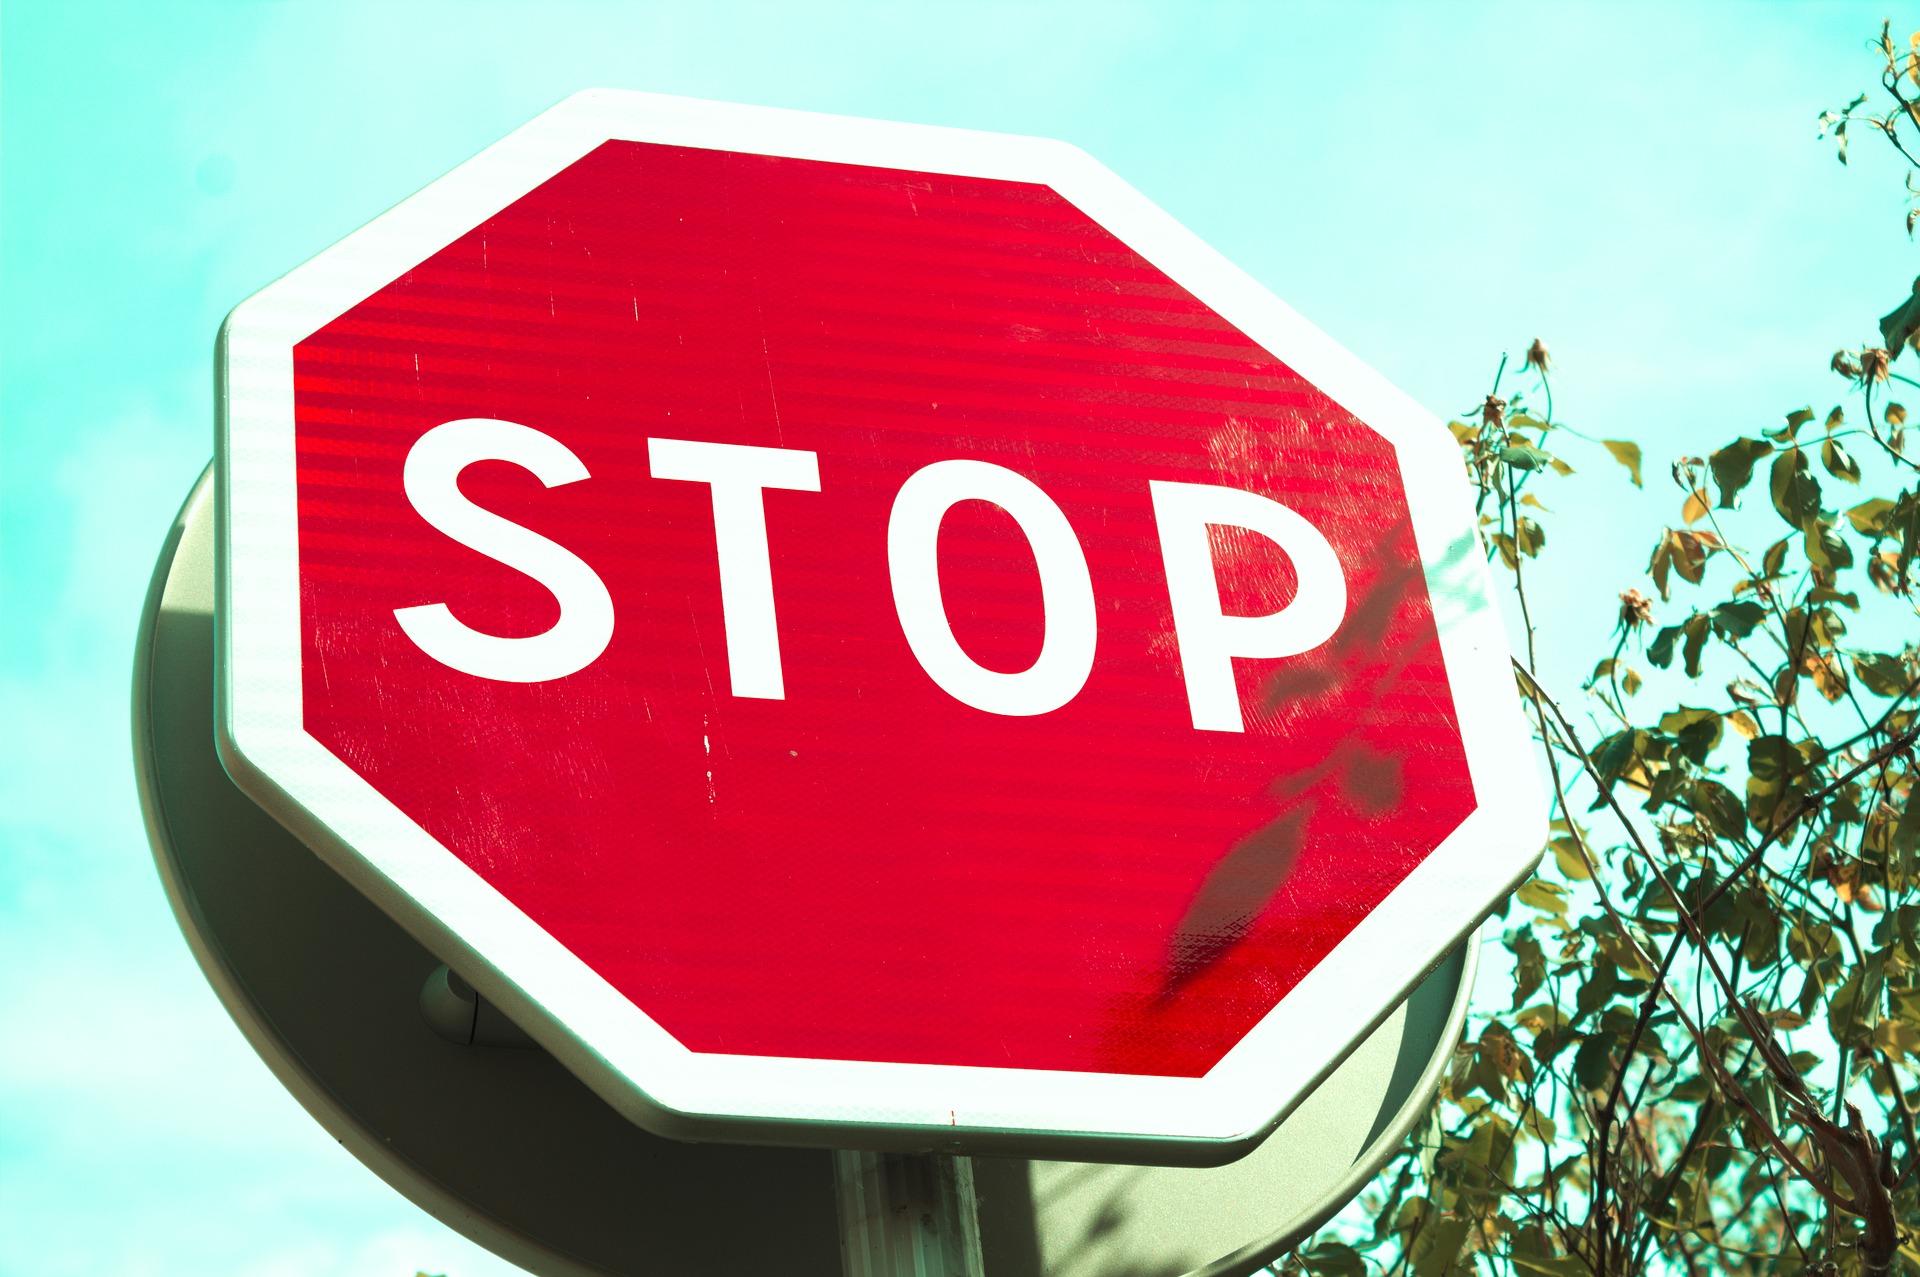 Fermati!